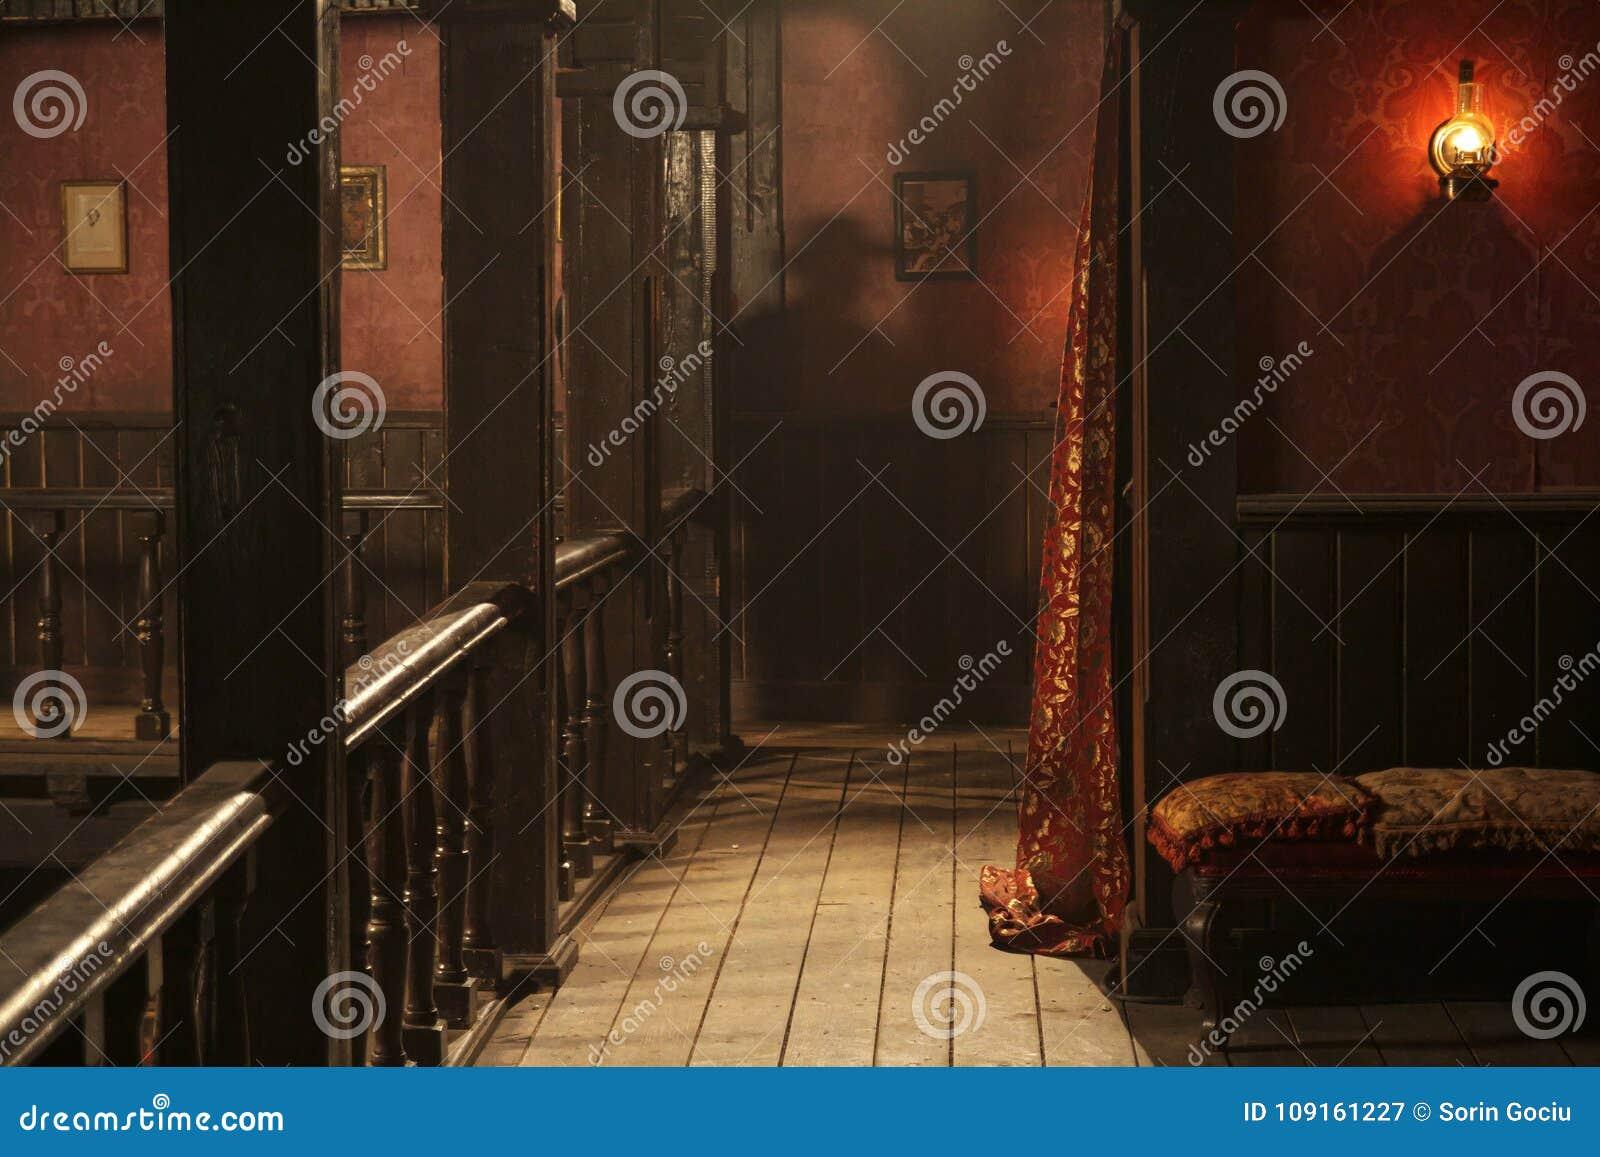 Oberstes Stockwerk des wilden sest Saals mit einem man& x27; s-Schatten